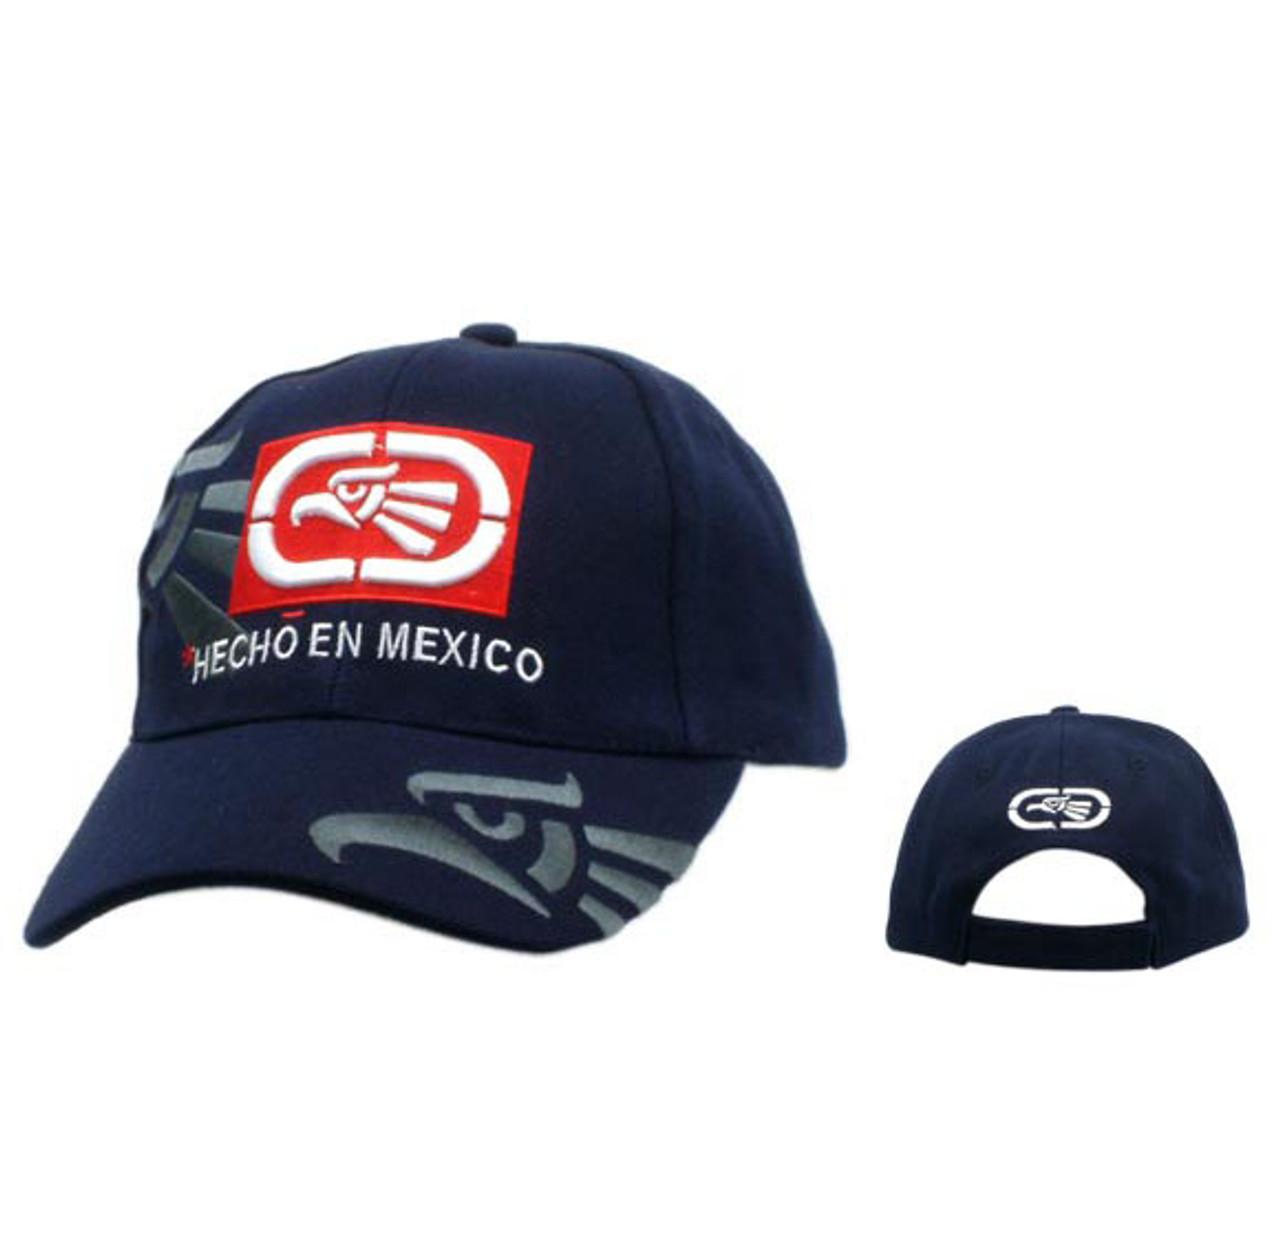 Hecho En Mexico Baseball Caps